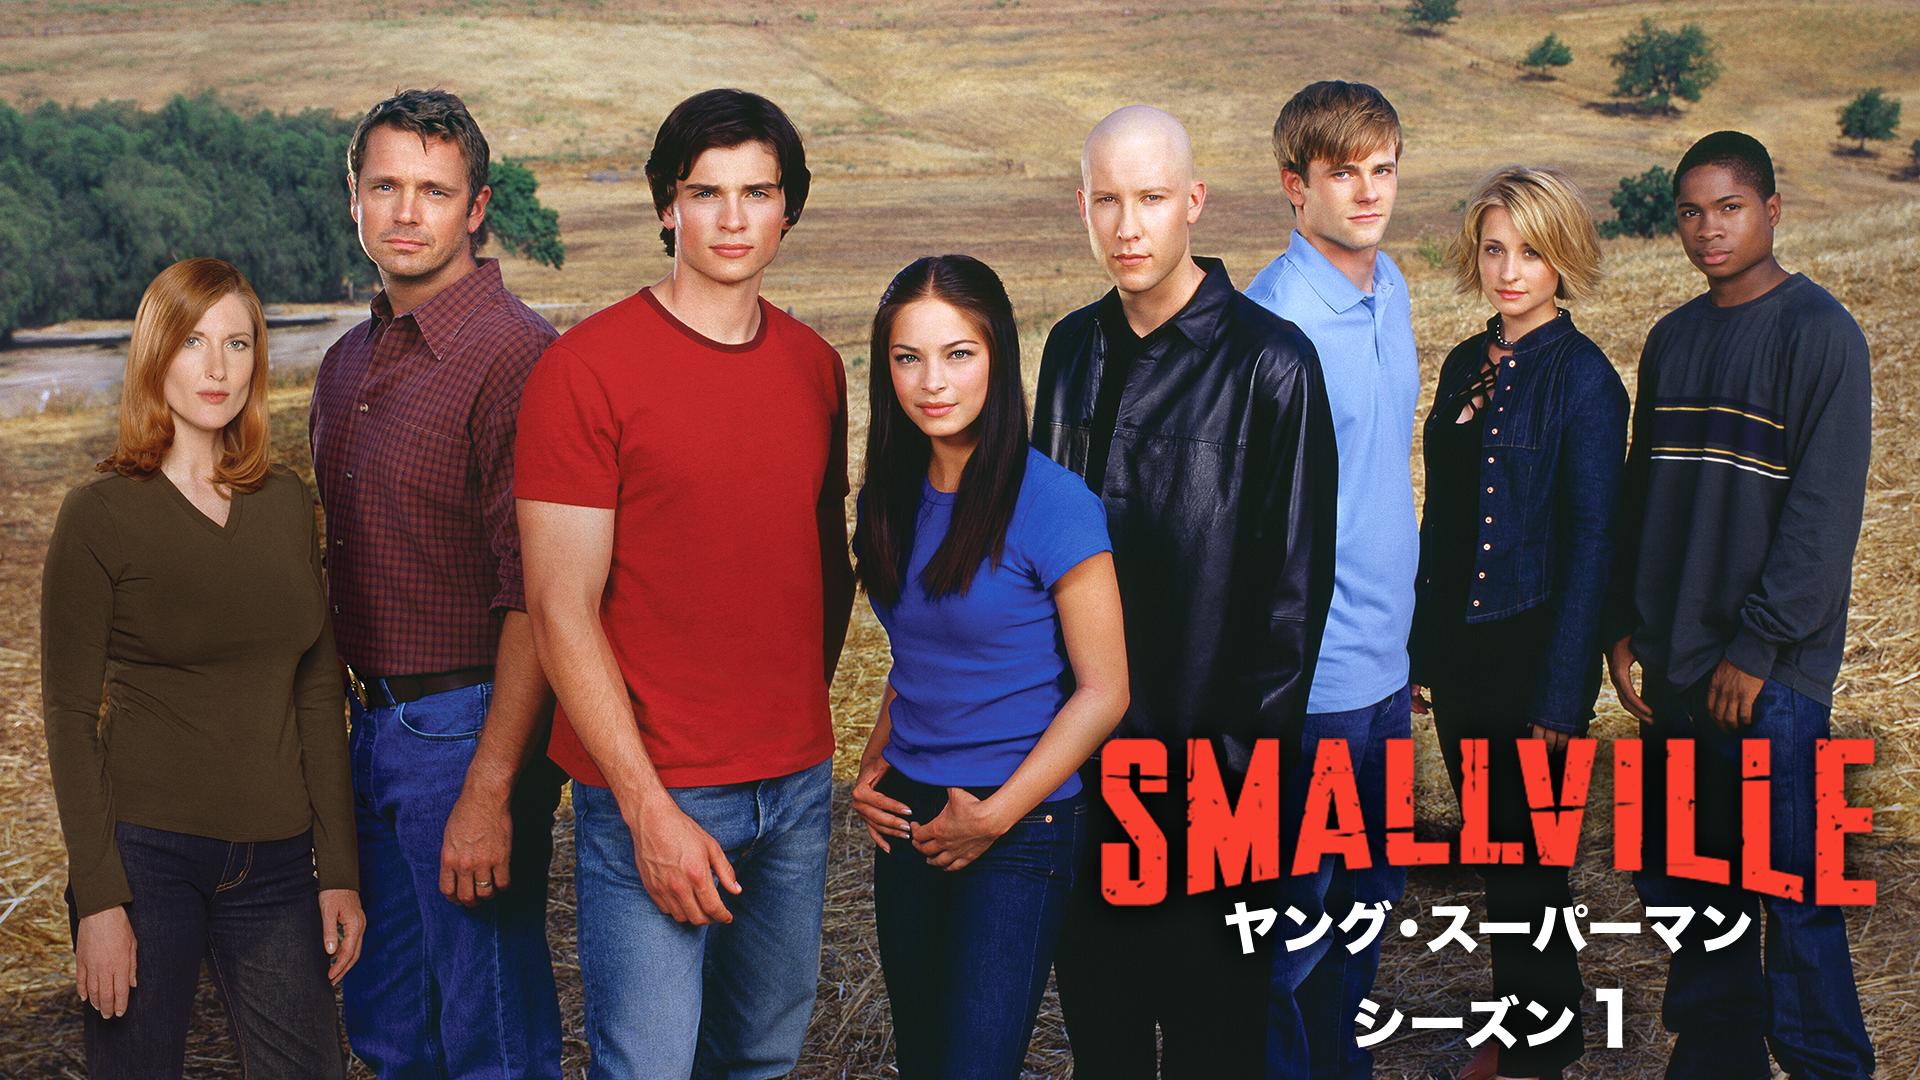 SMALLVILLE/ヤング・スーパーマン シーズン1の動画 - SMALLVILLE/ヤング・スーパーマン シーズン7